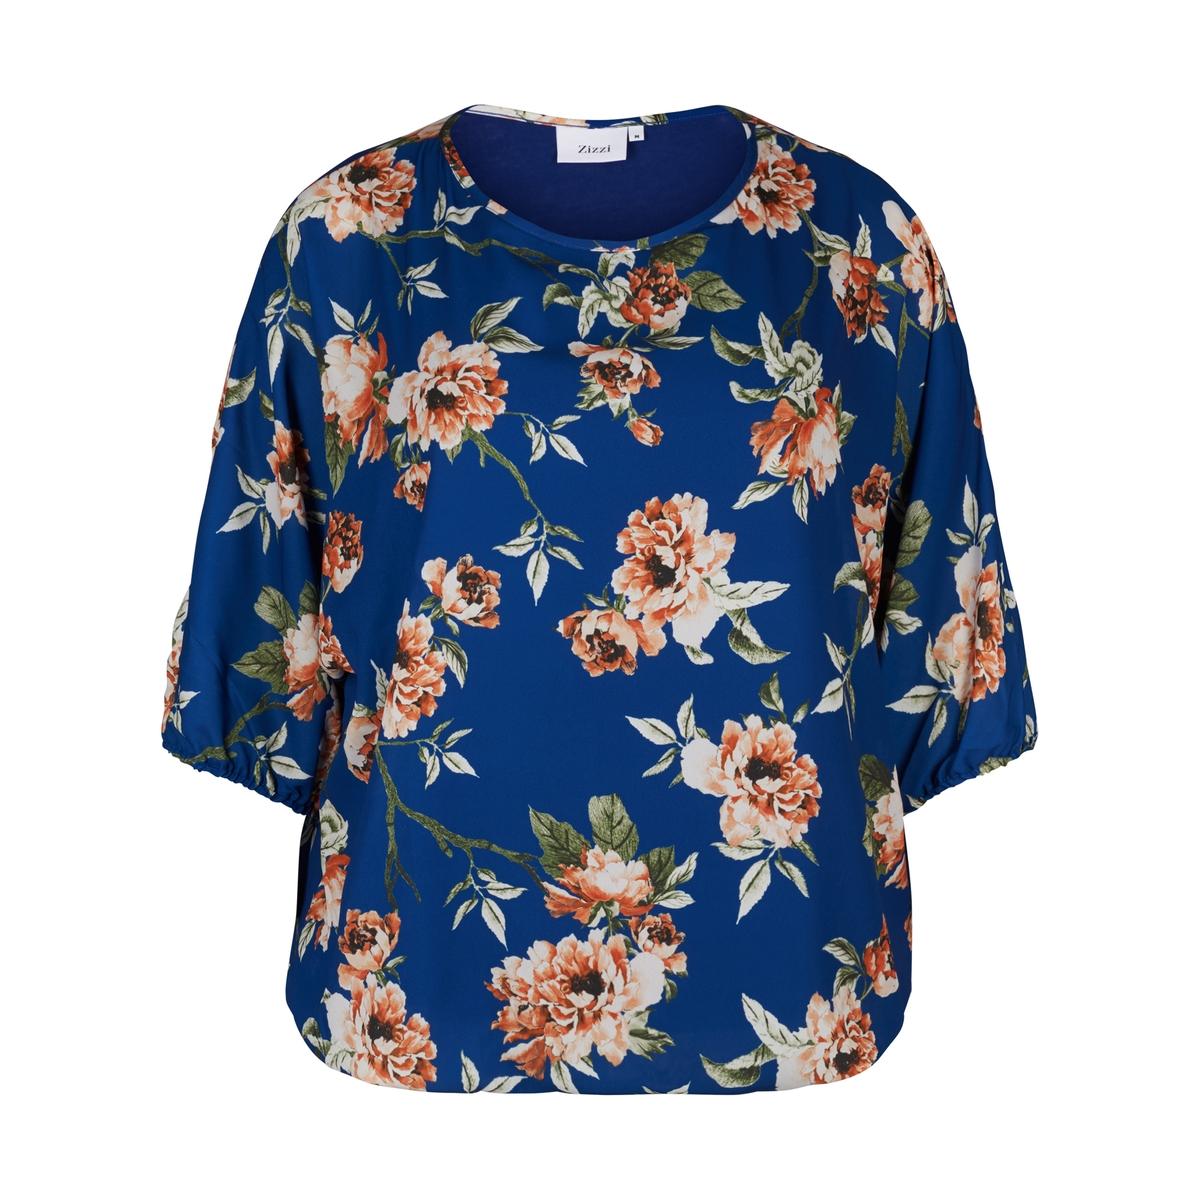 Блузка однотонная с круглым вырезом, с короткими рукавами блузка однотонная с короткими рукавами